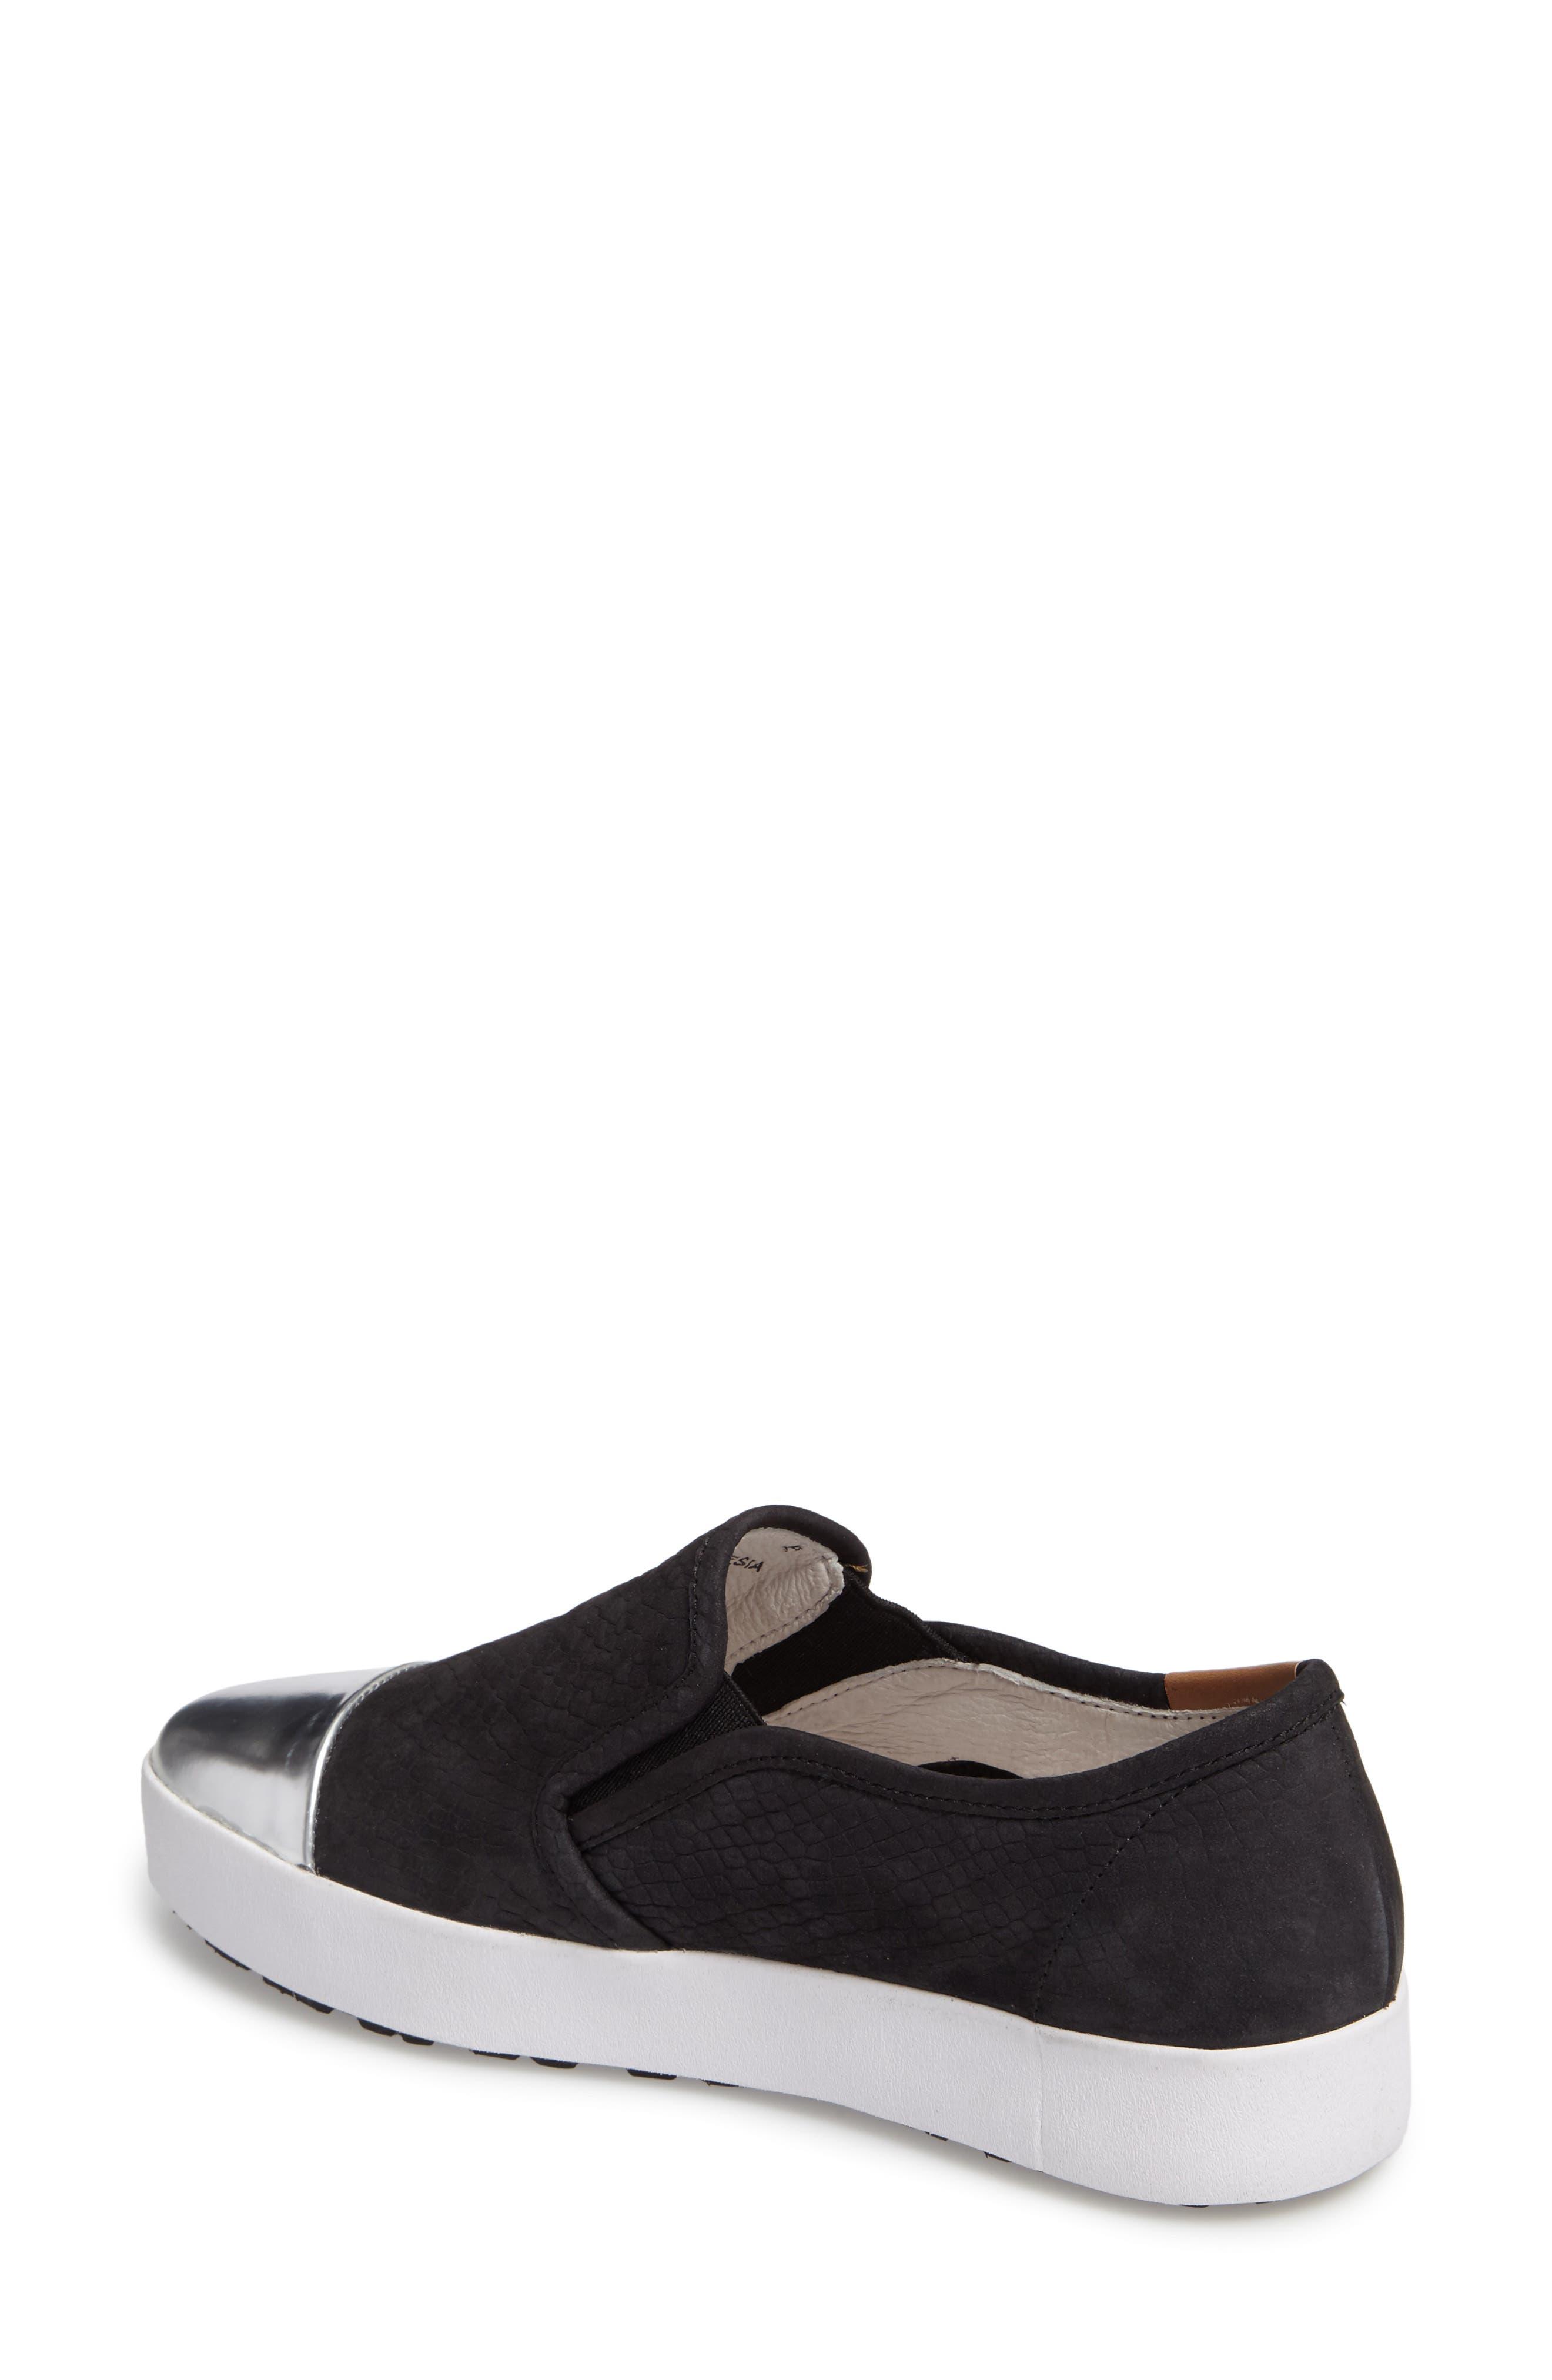 NL47 Slip-On Sneaker,                             Alternate thumbnail 2, color,                             001